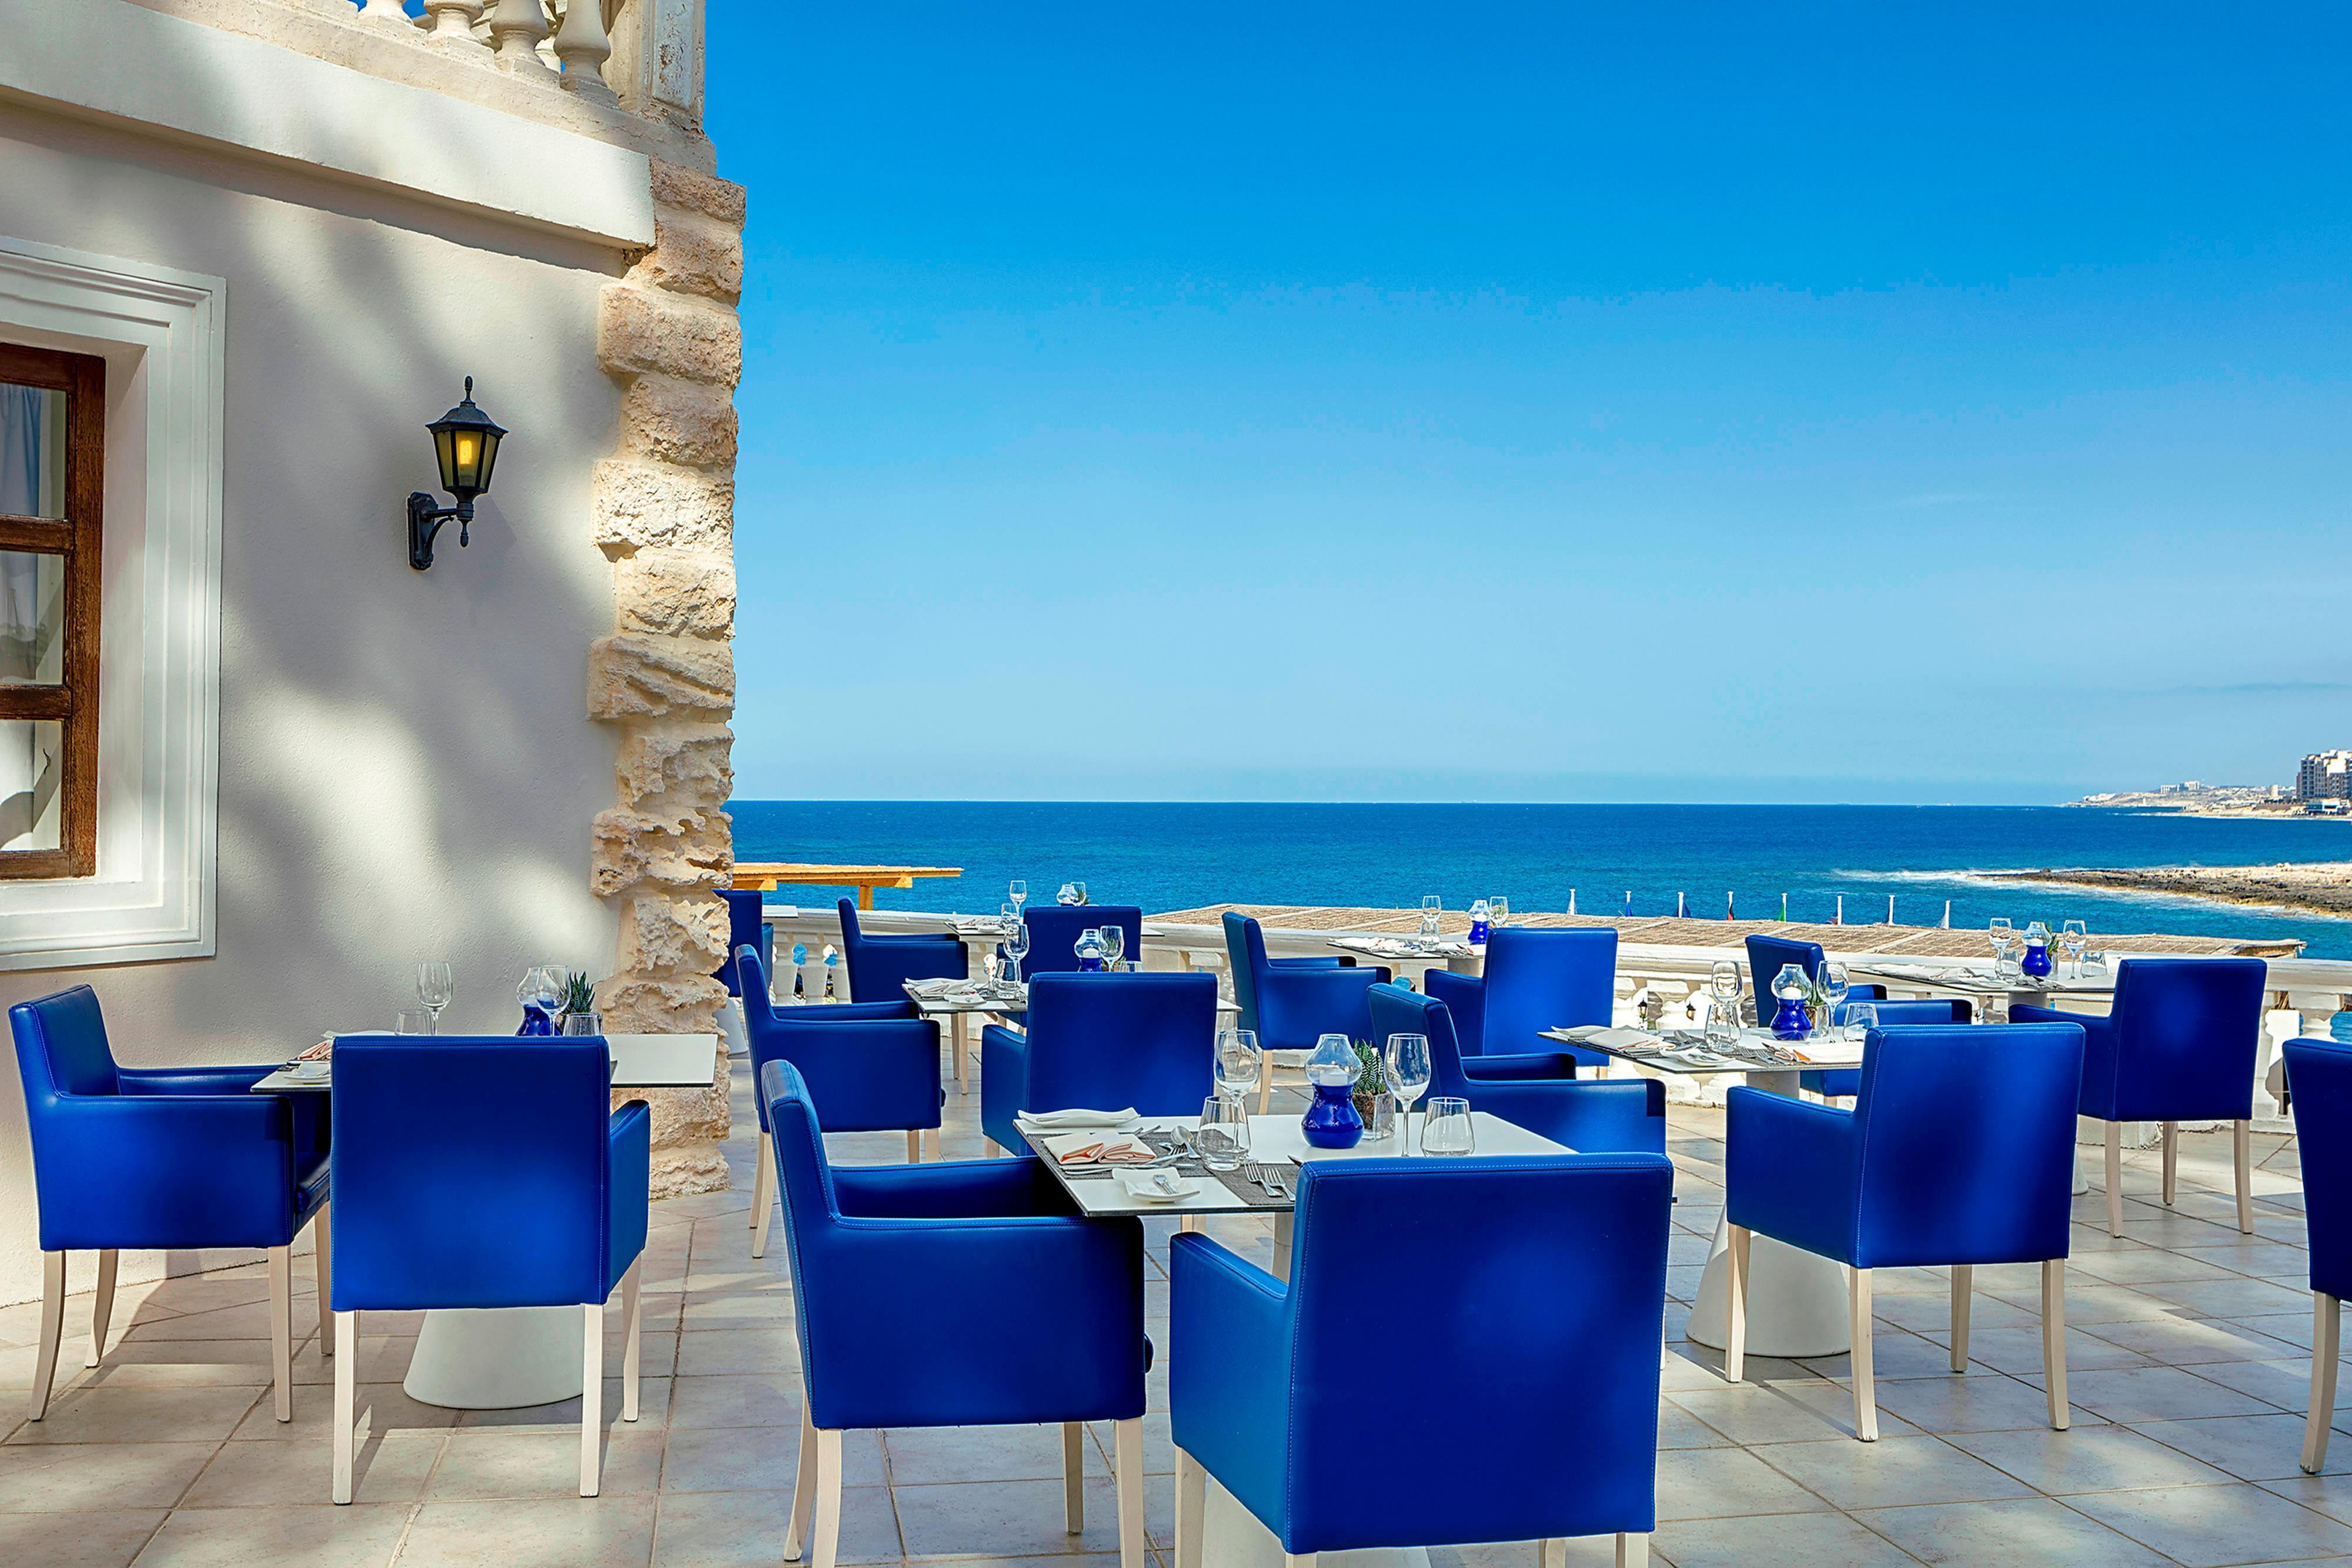 Quadro Restaurant Outdoor